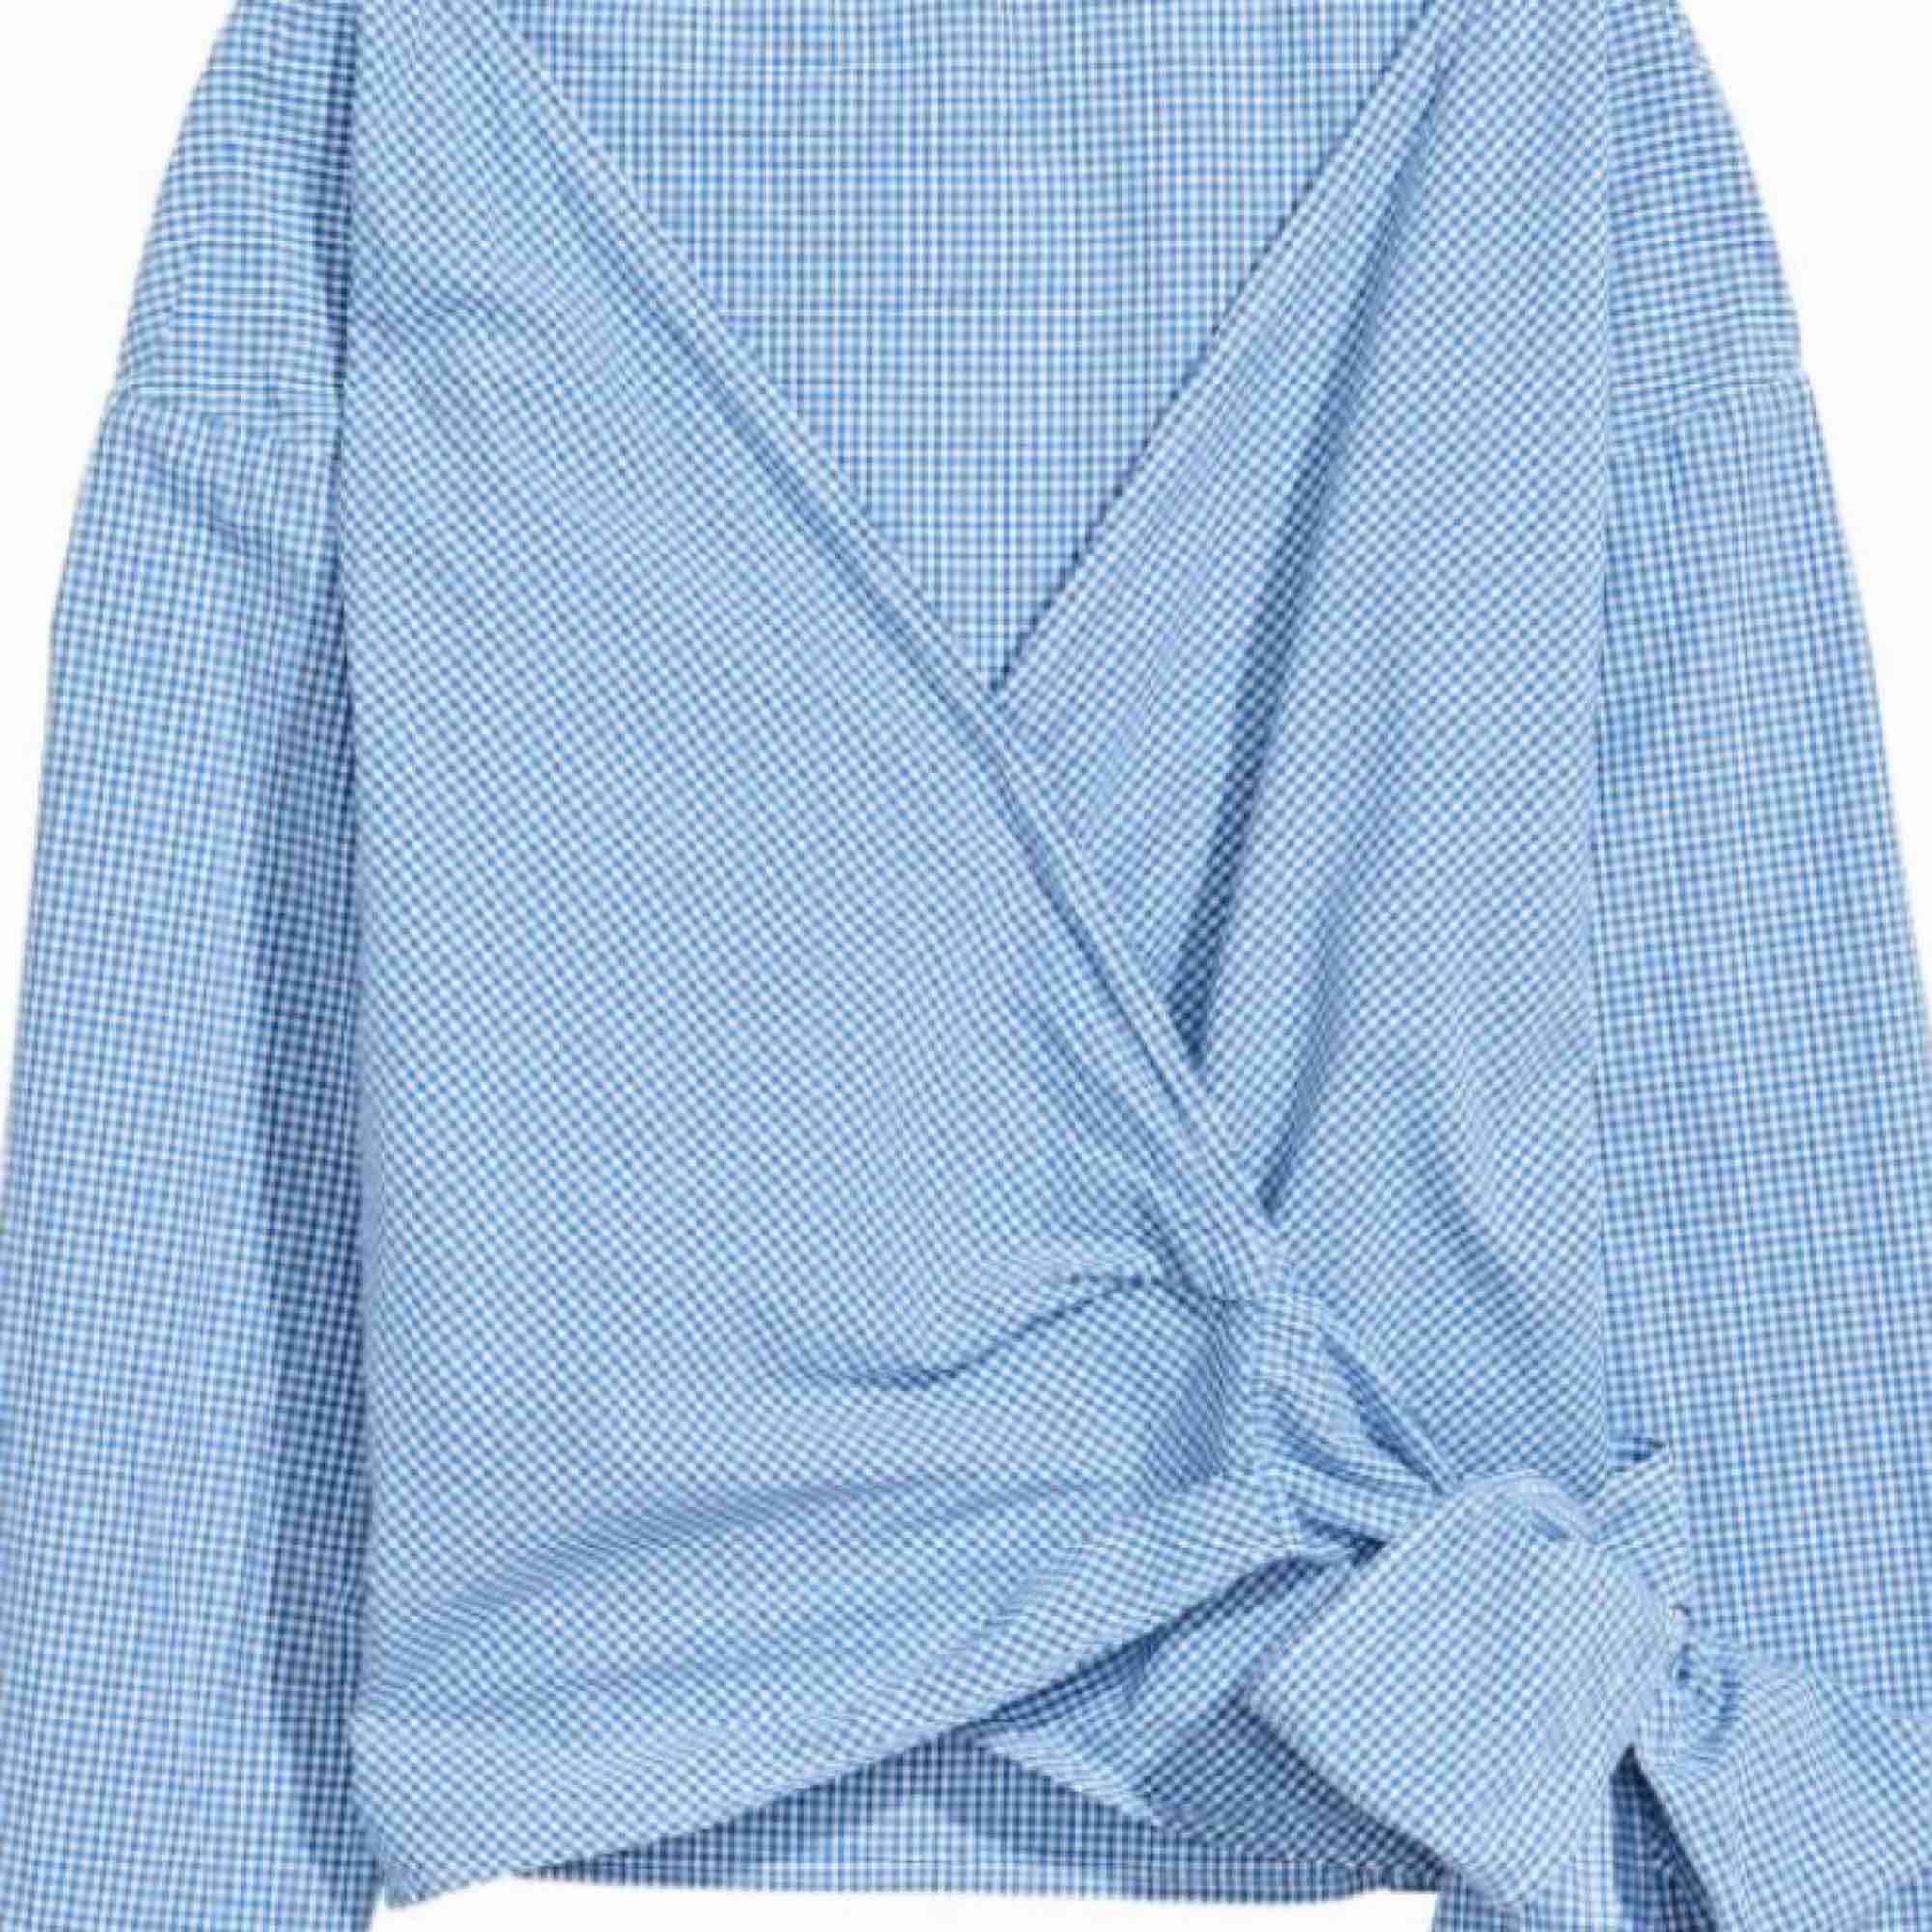 Omlottblus/skjorta från H&M. Vit-blårutig. Knappt använd. Köparen står för ev fraktkostnad ✨. Skjortor.